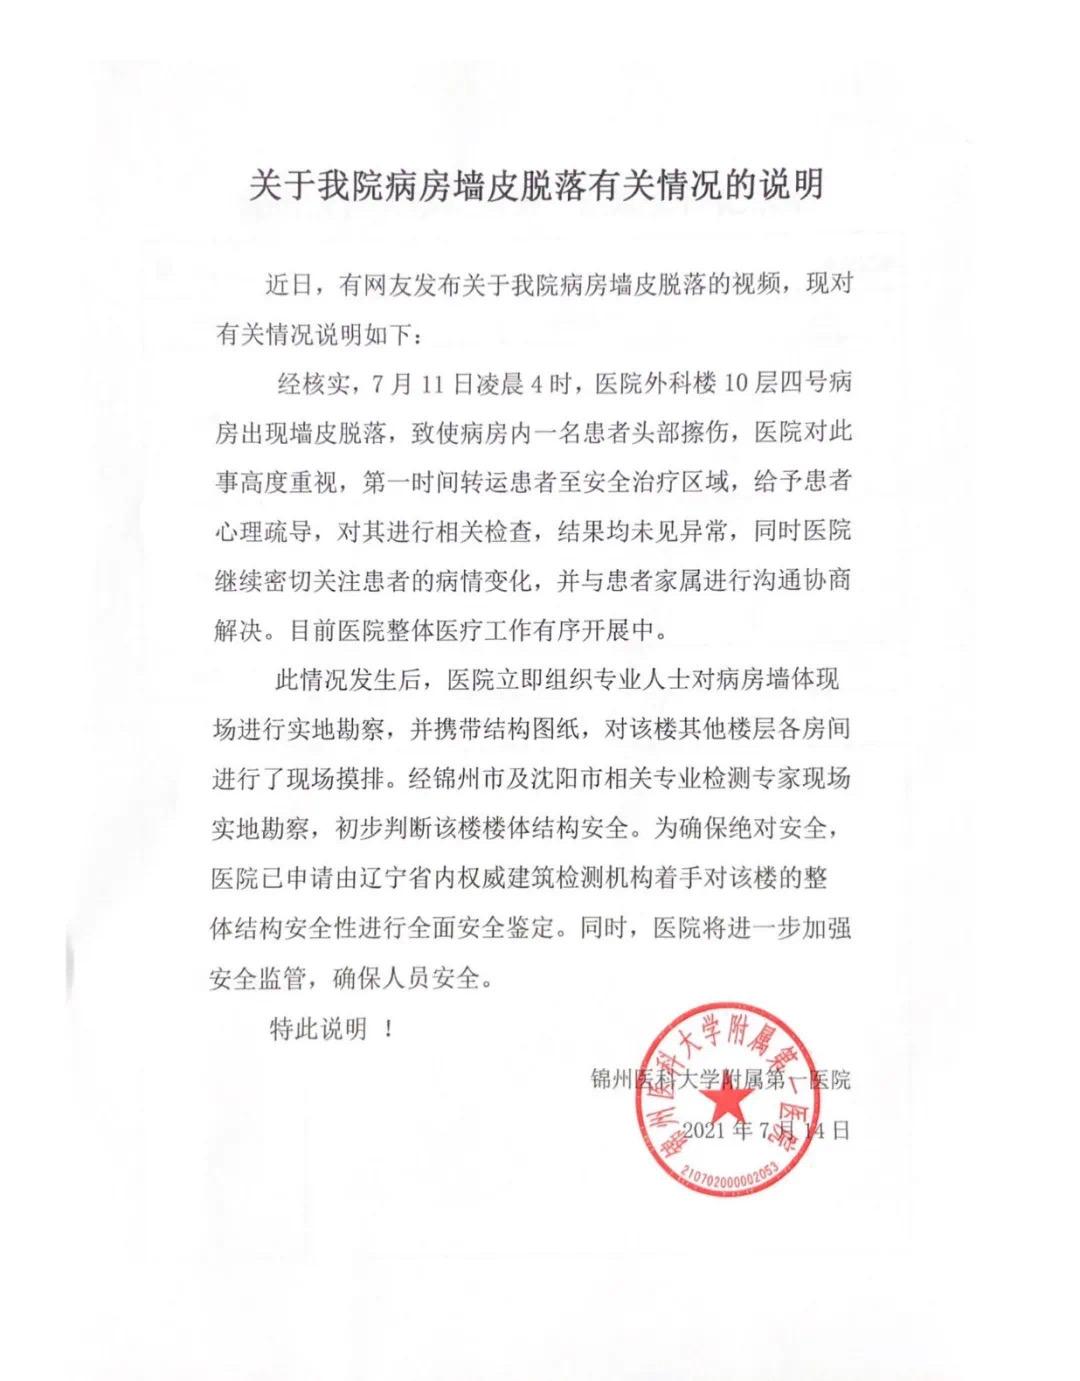 情况说明 图片来源:锦州医科大学附属第一医院官方微信公众号